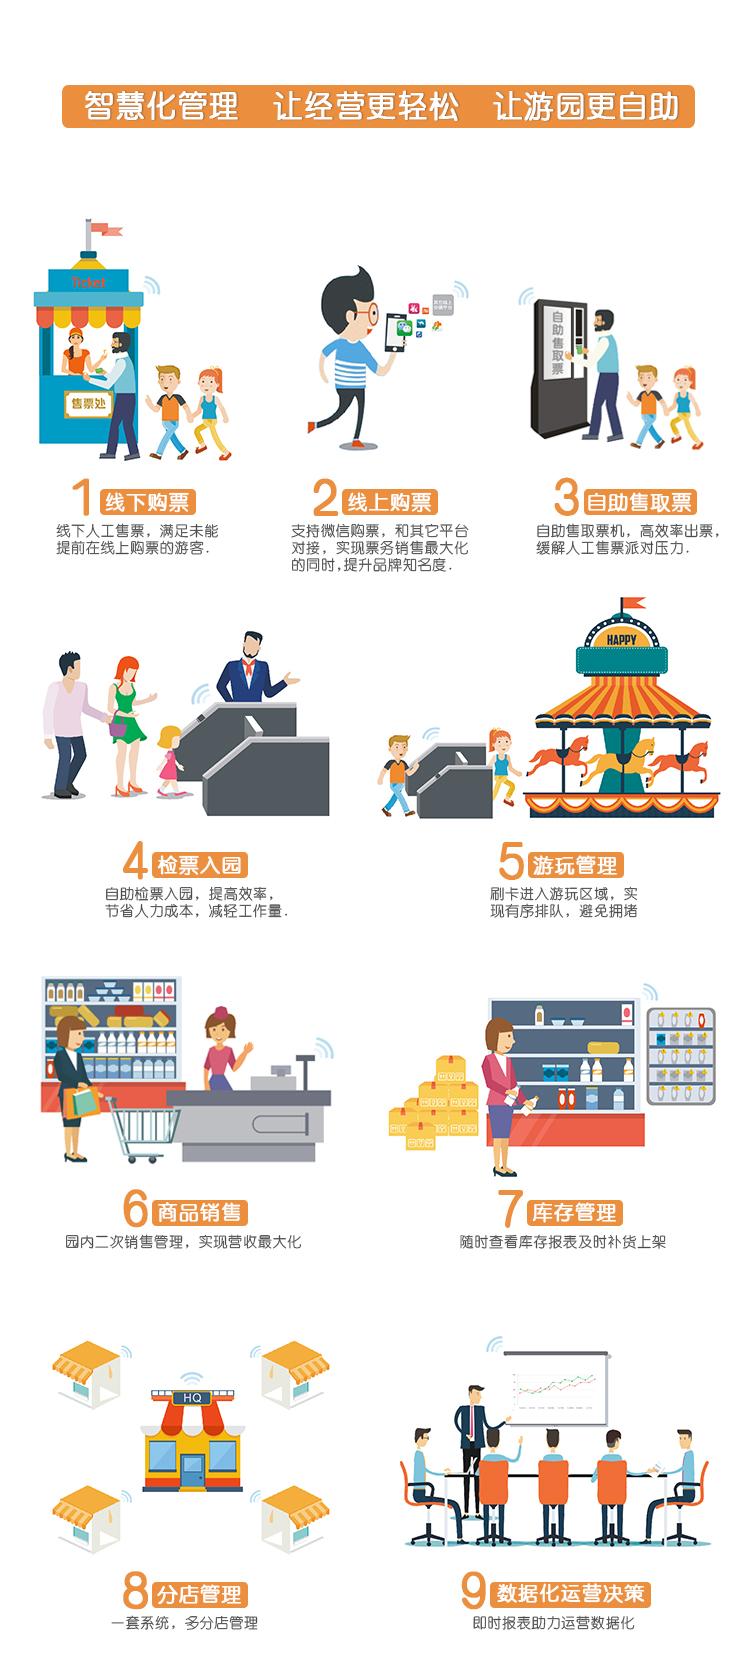 爱德科技-智慧景区票务管理系统,智慧景区,爱德,电子,票务,门票,管理,售票,闸机,游乐场